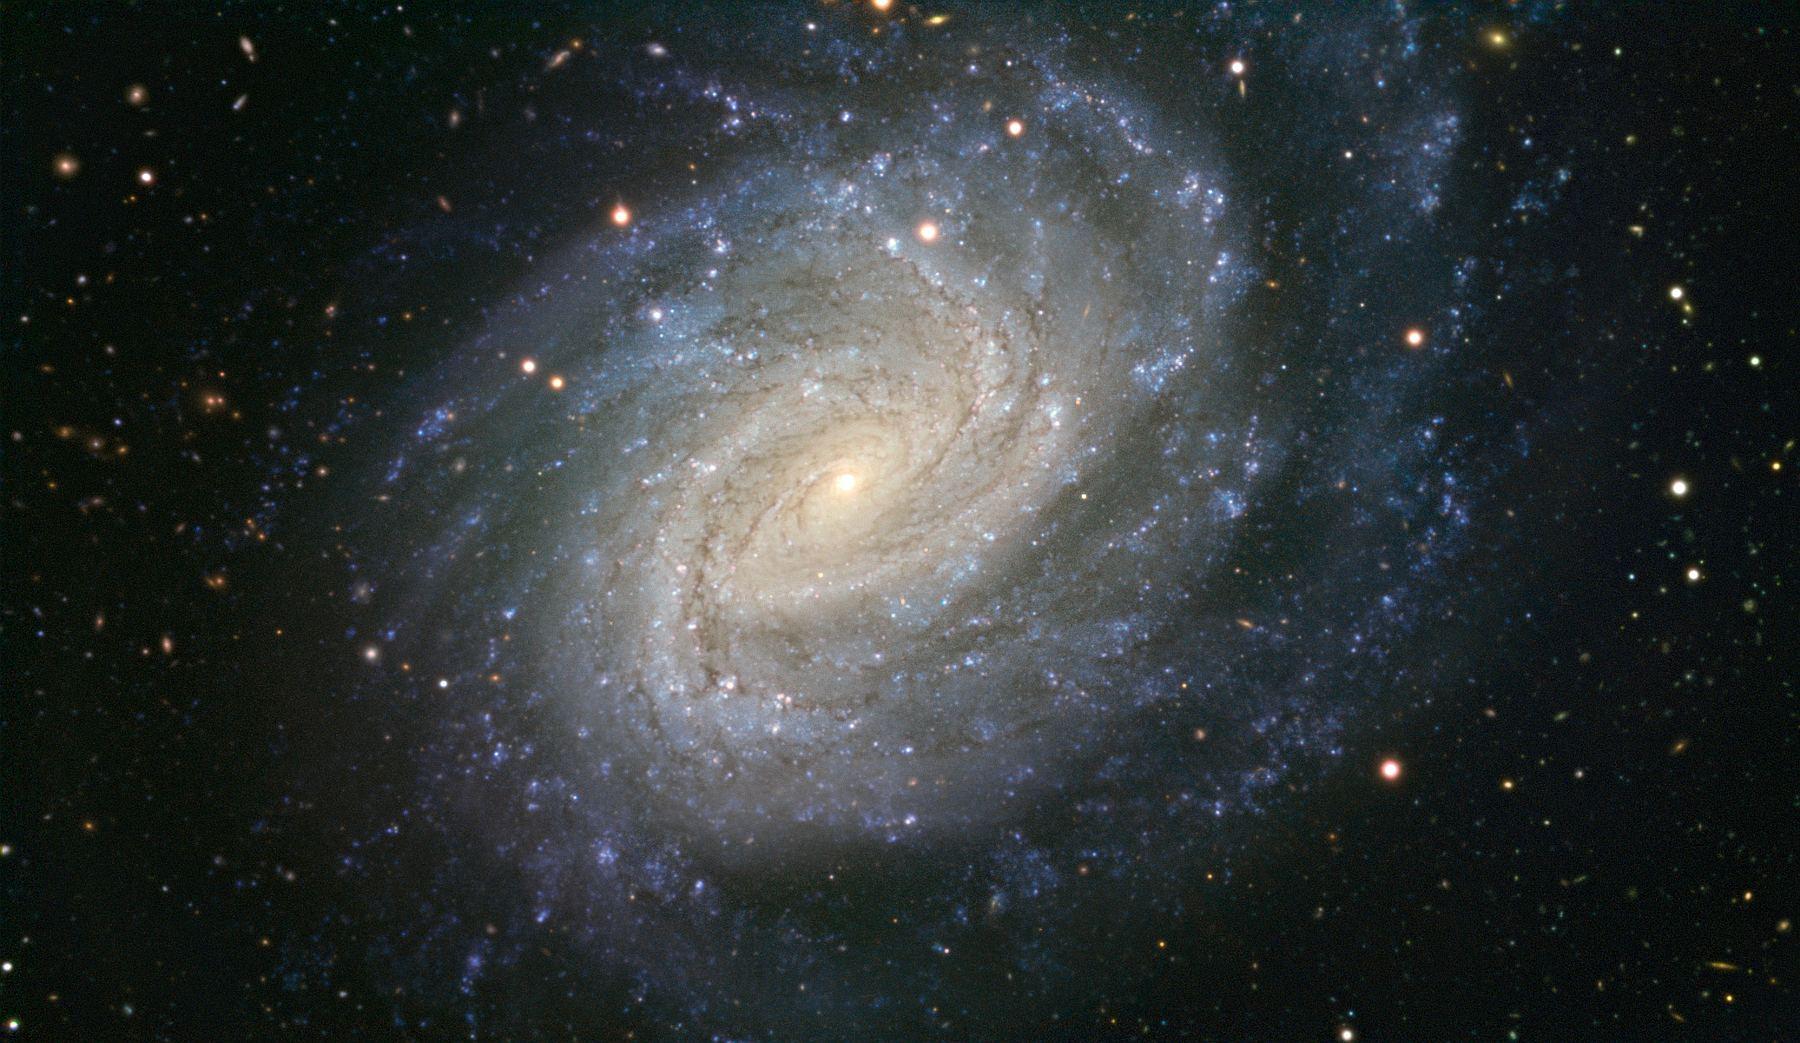 NGC 1187